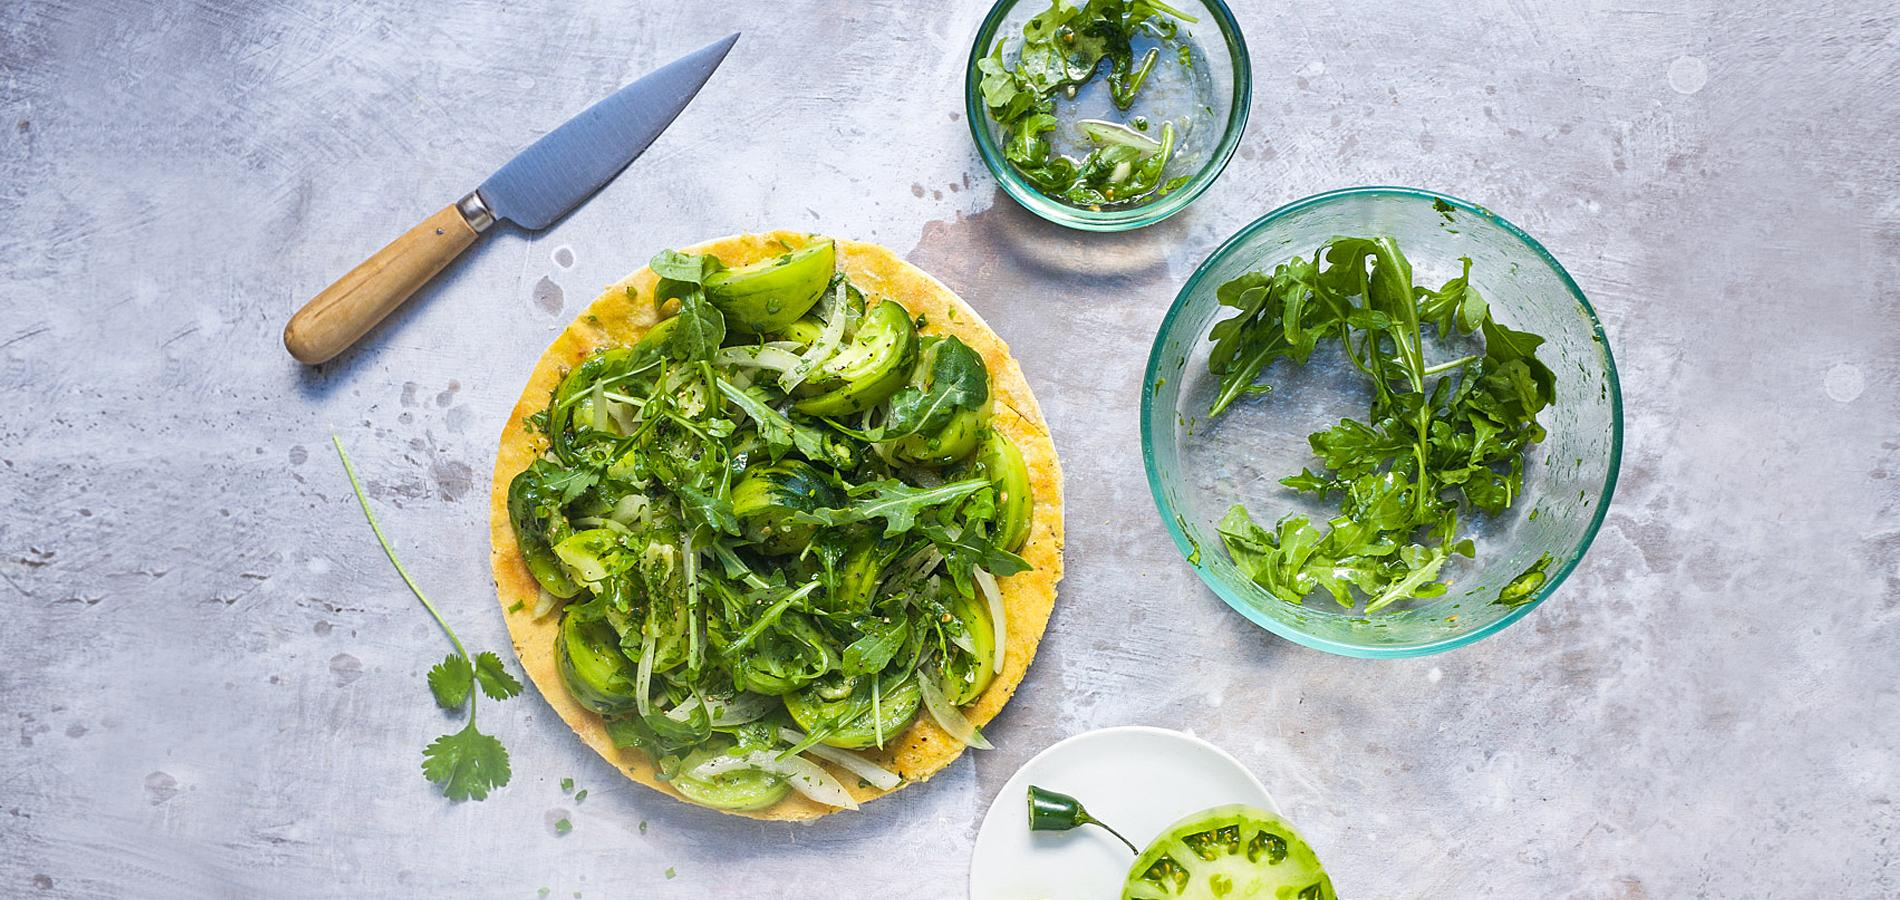 On succombe la tendance des assiettes monochromes for Assiette cuisine